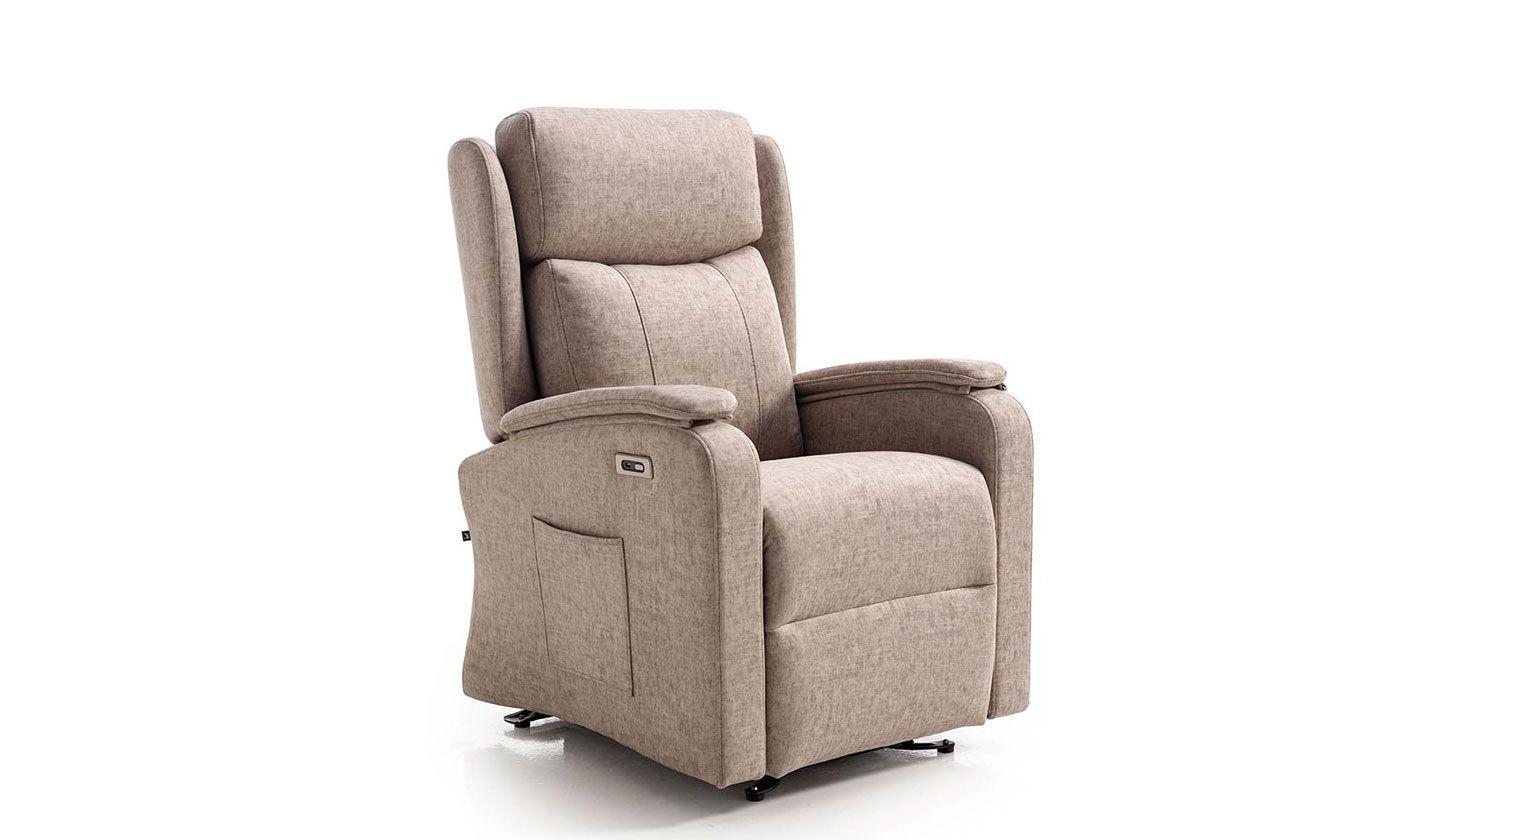 Comprar sof relax bilbo sof 3 plazas mecanismo pared 0 for Sofas baratos asturias